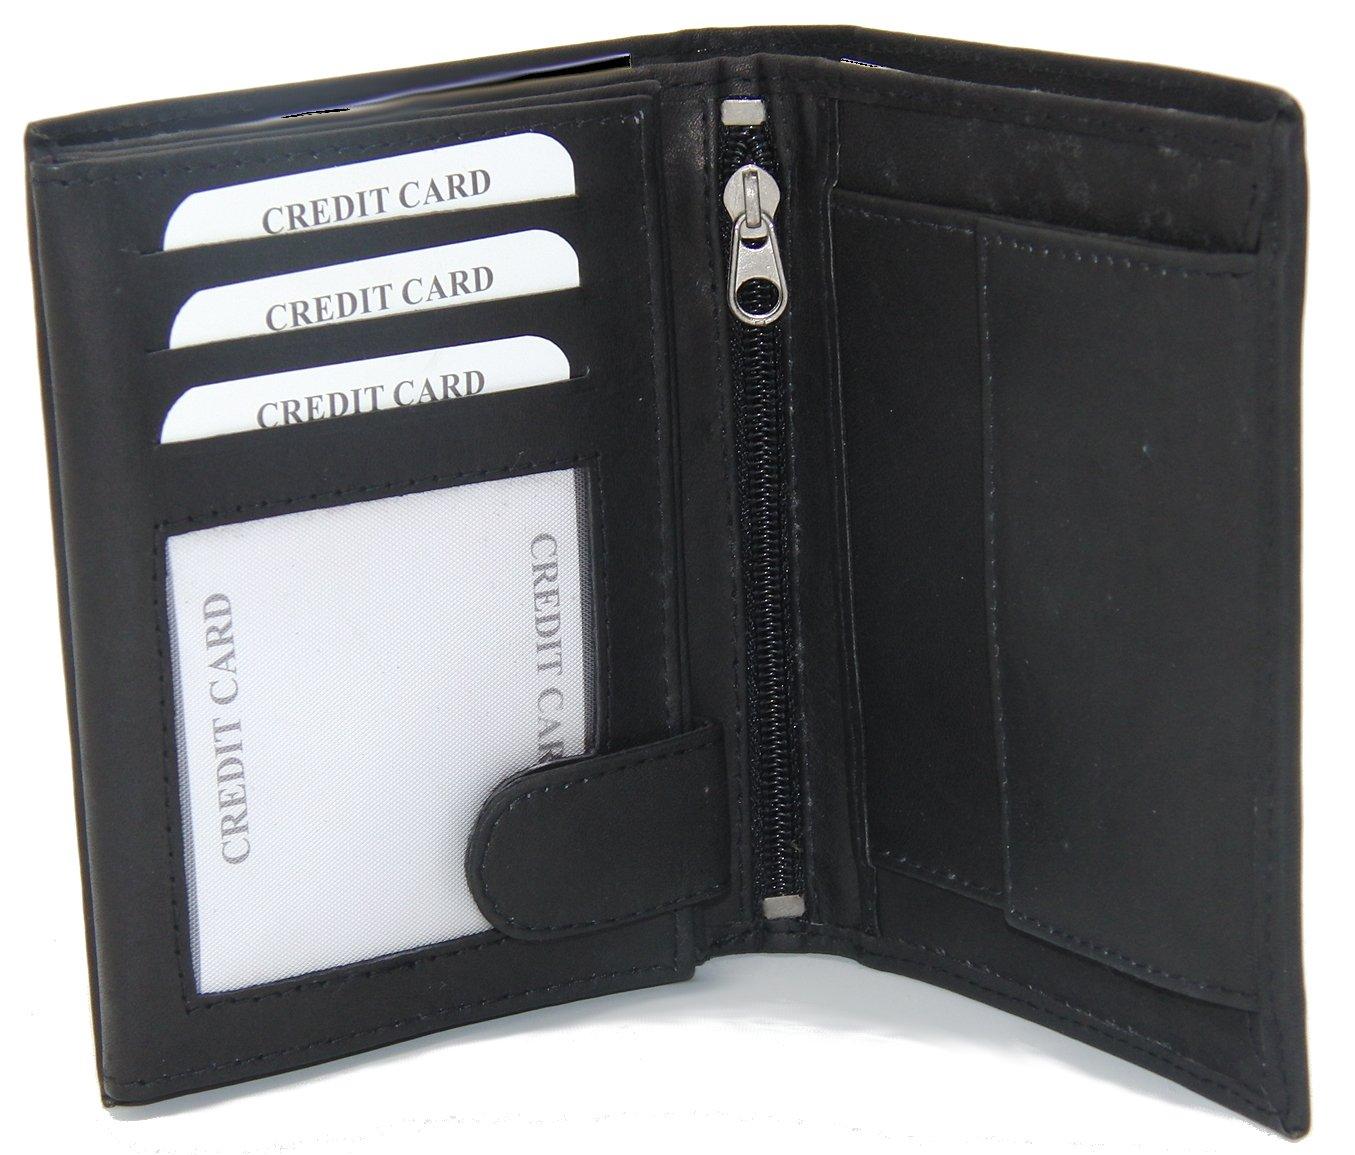 Monedero De Noble - Cuero Genuino - Bolsa de dinero en el modo de retrato negro - mi! monedero - Premium Colección por Dargelis